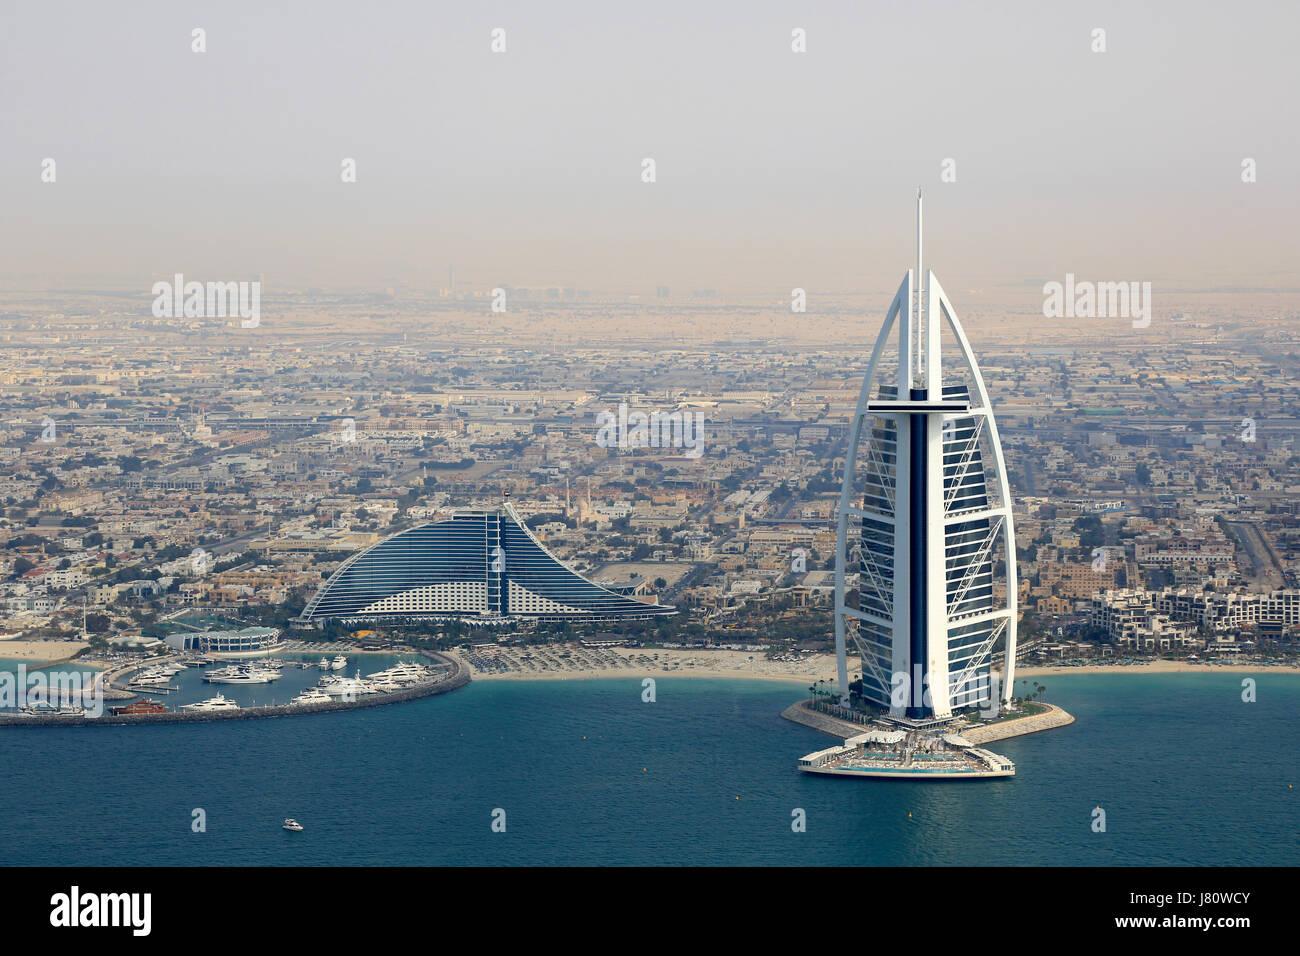 Dubai Burj Al Arab Jumeirah Beach Hotel-Luftbild-Fotografie Vereinigte Arabische Emirate Stockbild